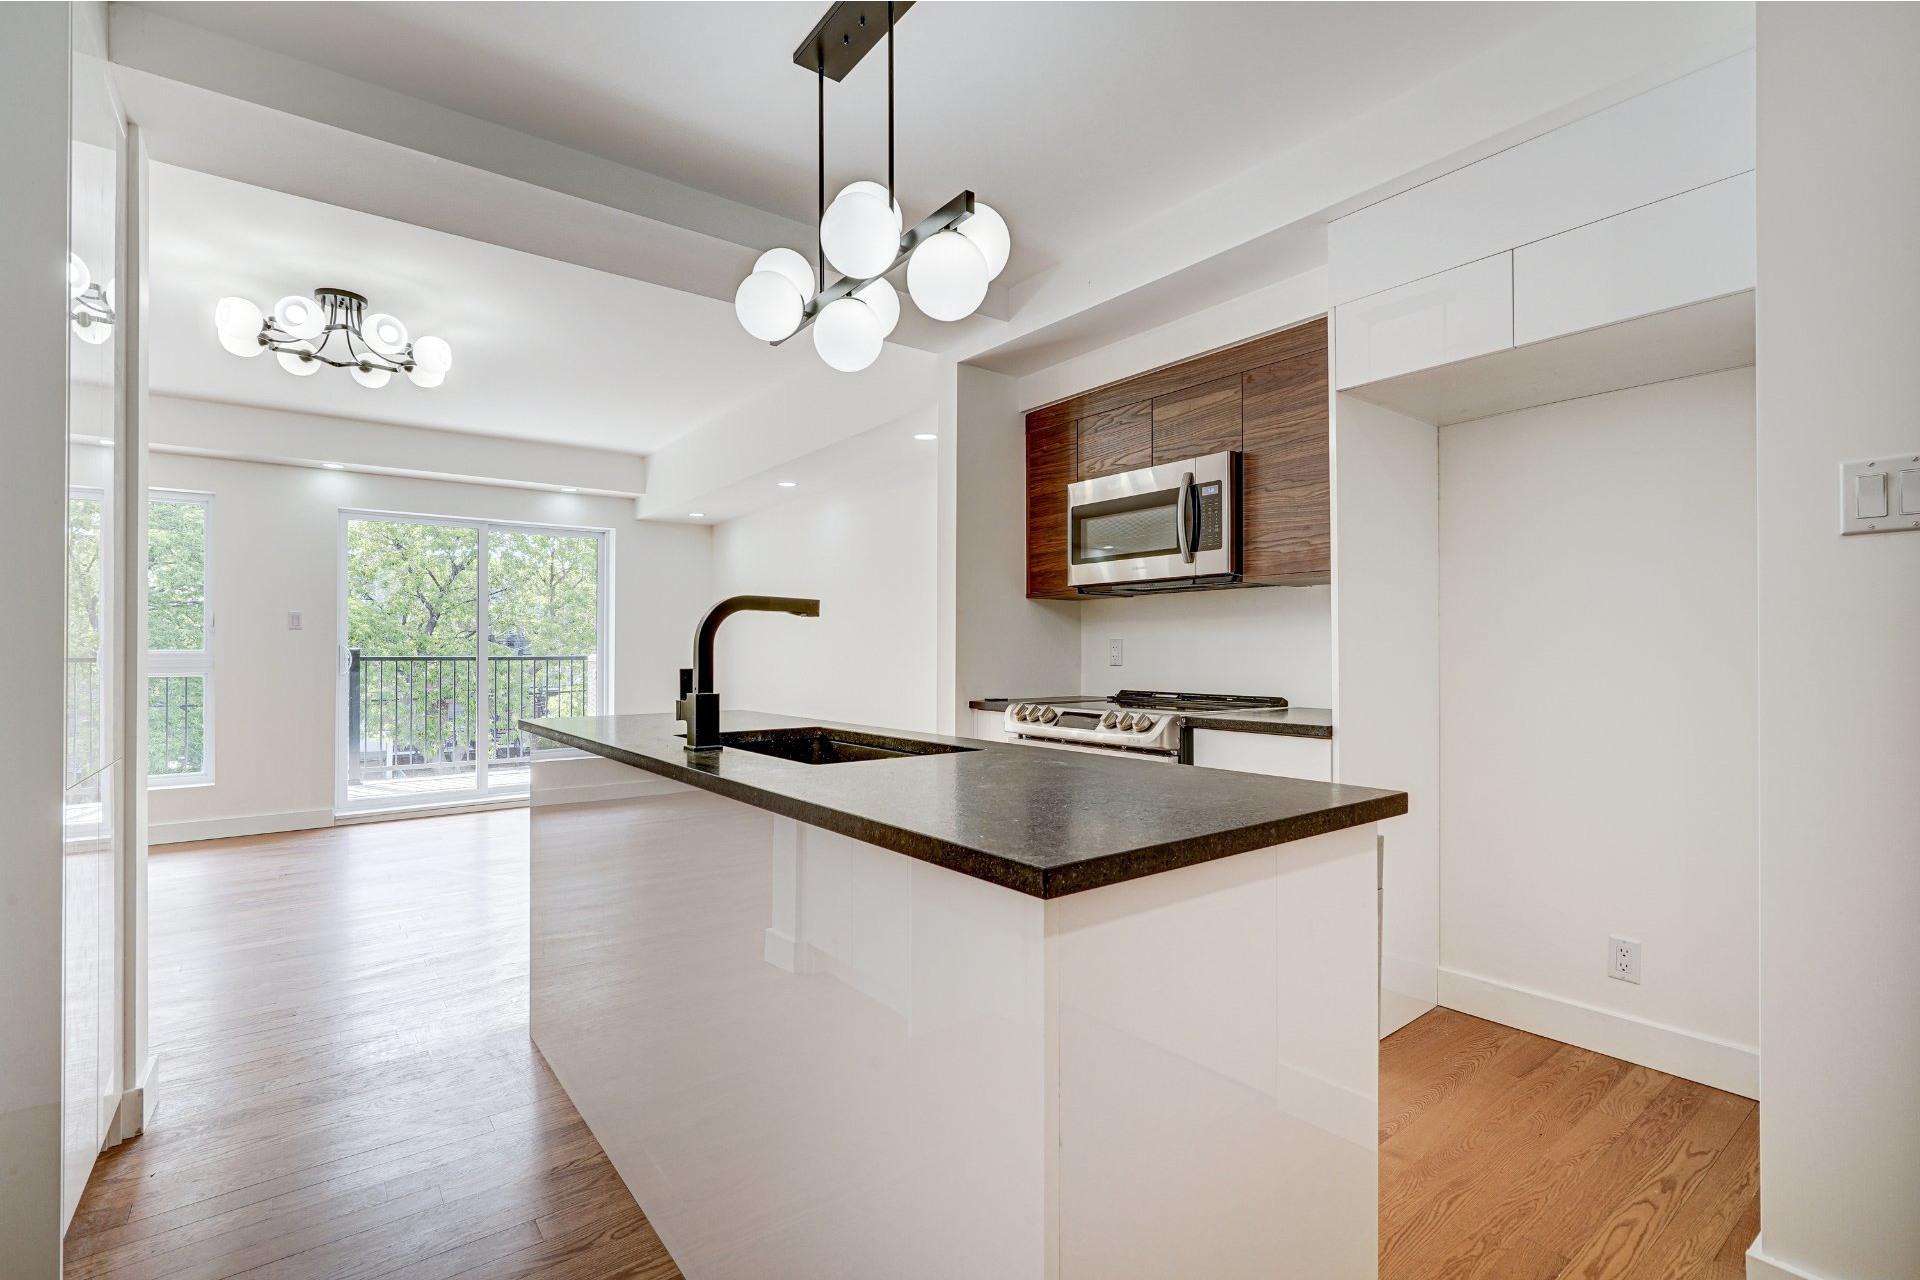 image 6 - Apartment For sale Lachine Montréal  - 6 rooms